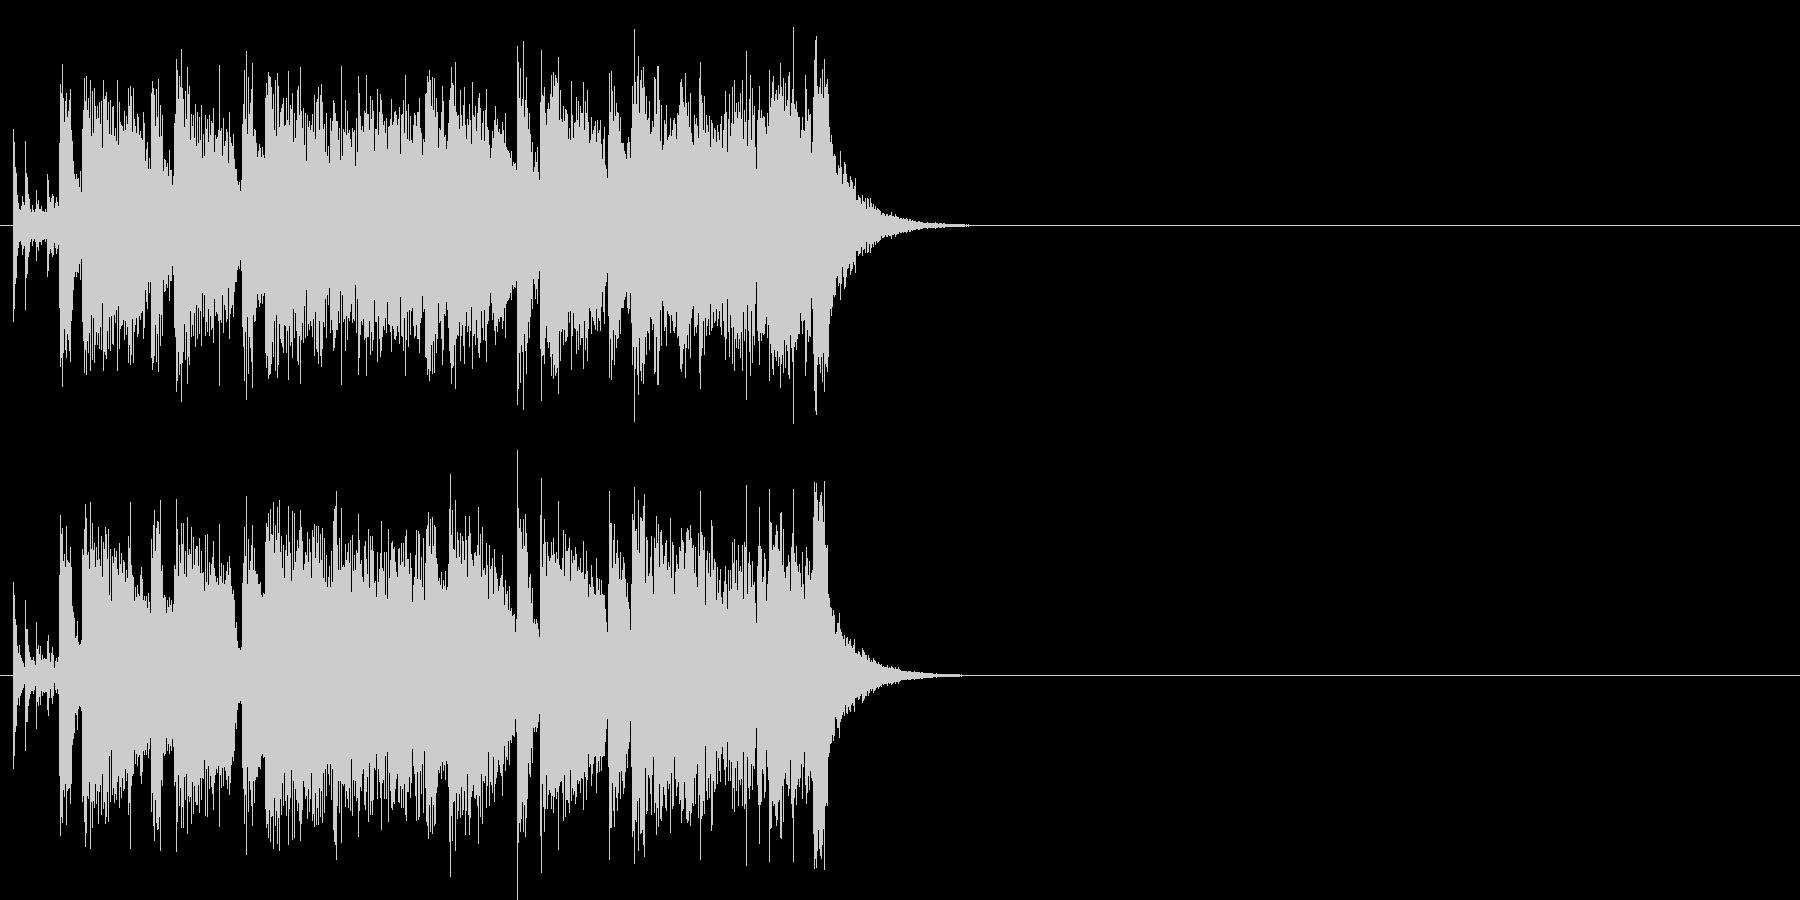 フュージョン/#1のジングル・バージョンの未再生の波形